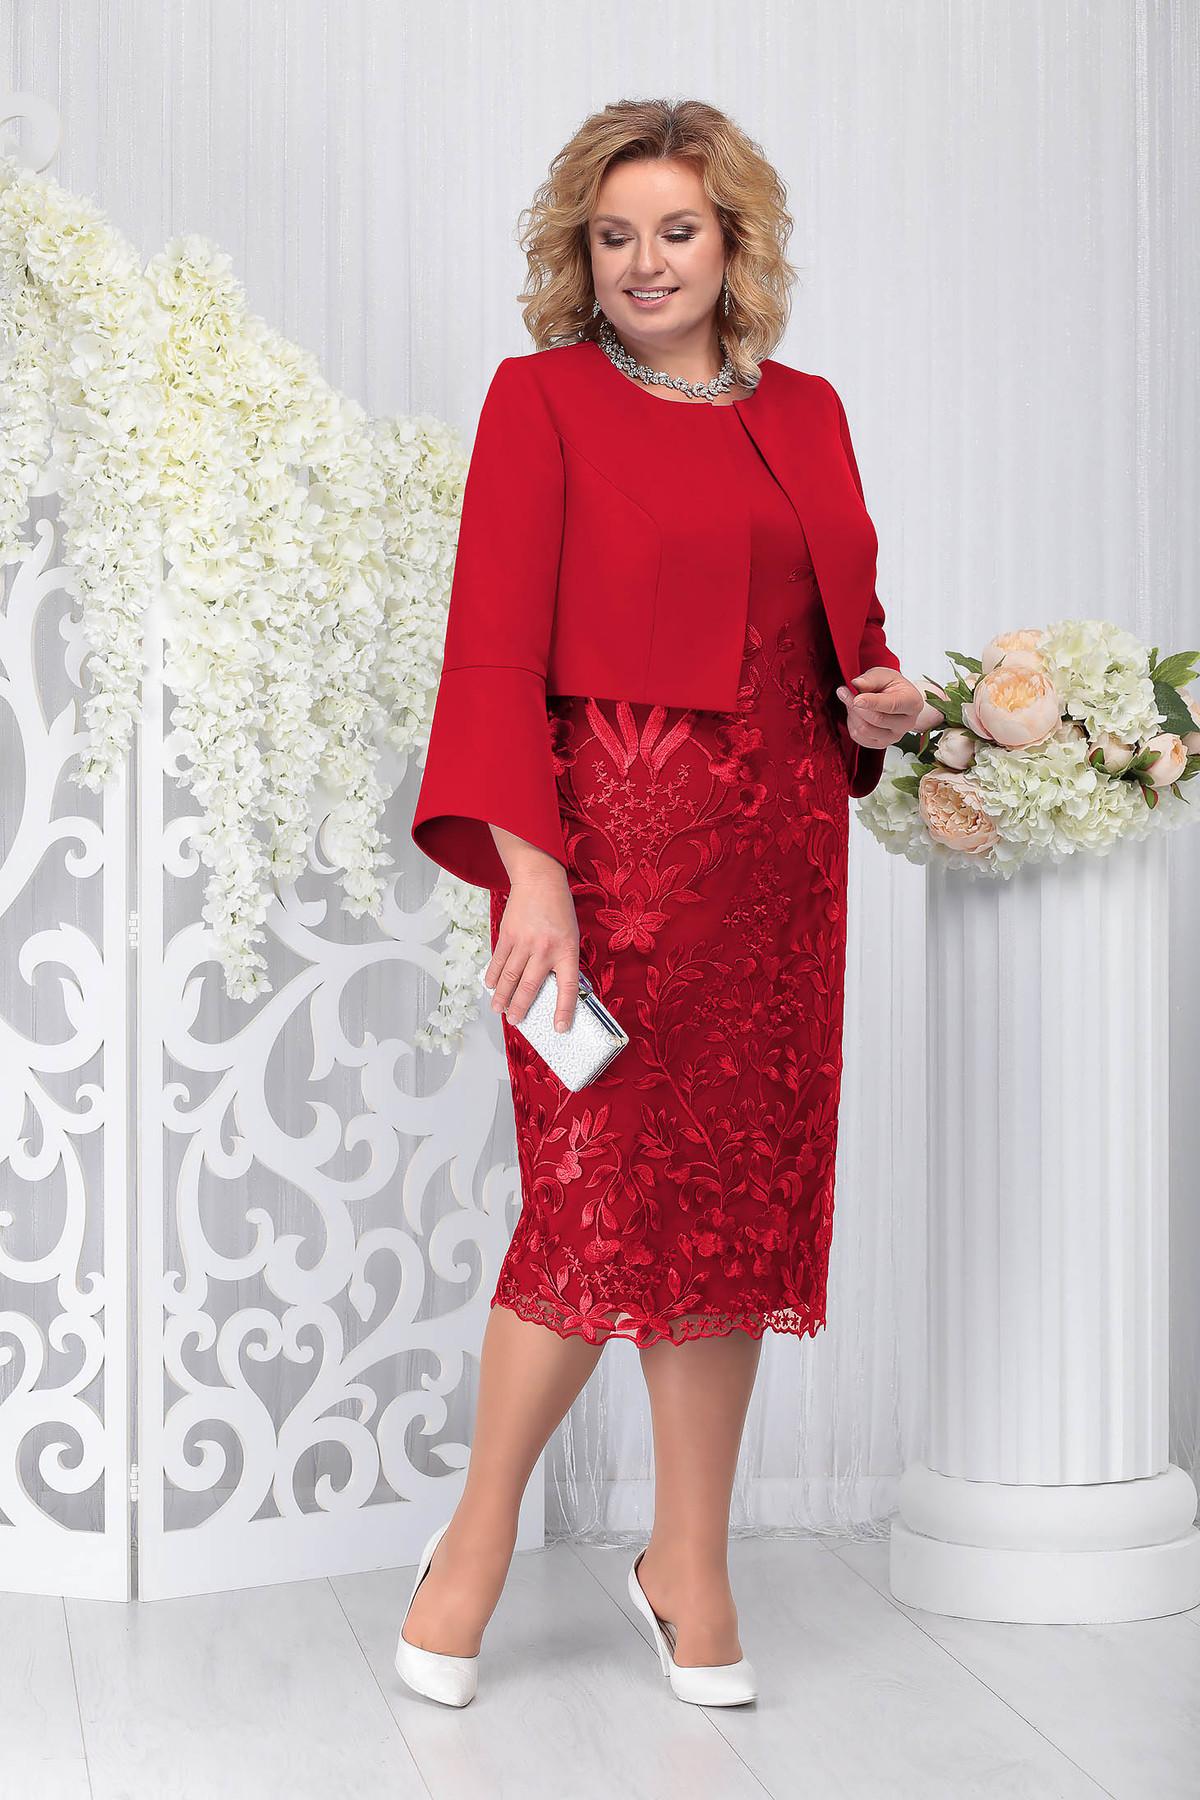 Compleu rosu elegant din 2 piese cu rochie din stofa usor elastica din dantela